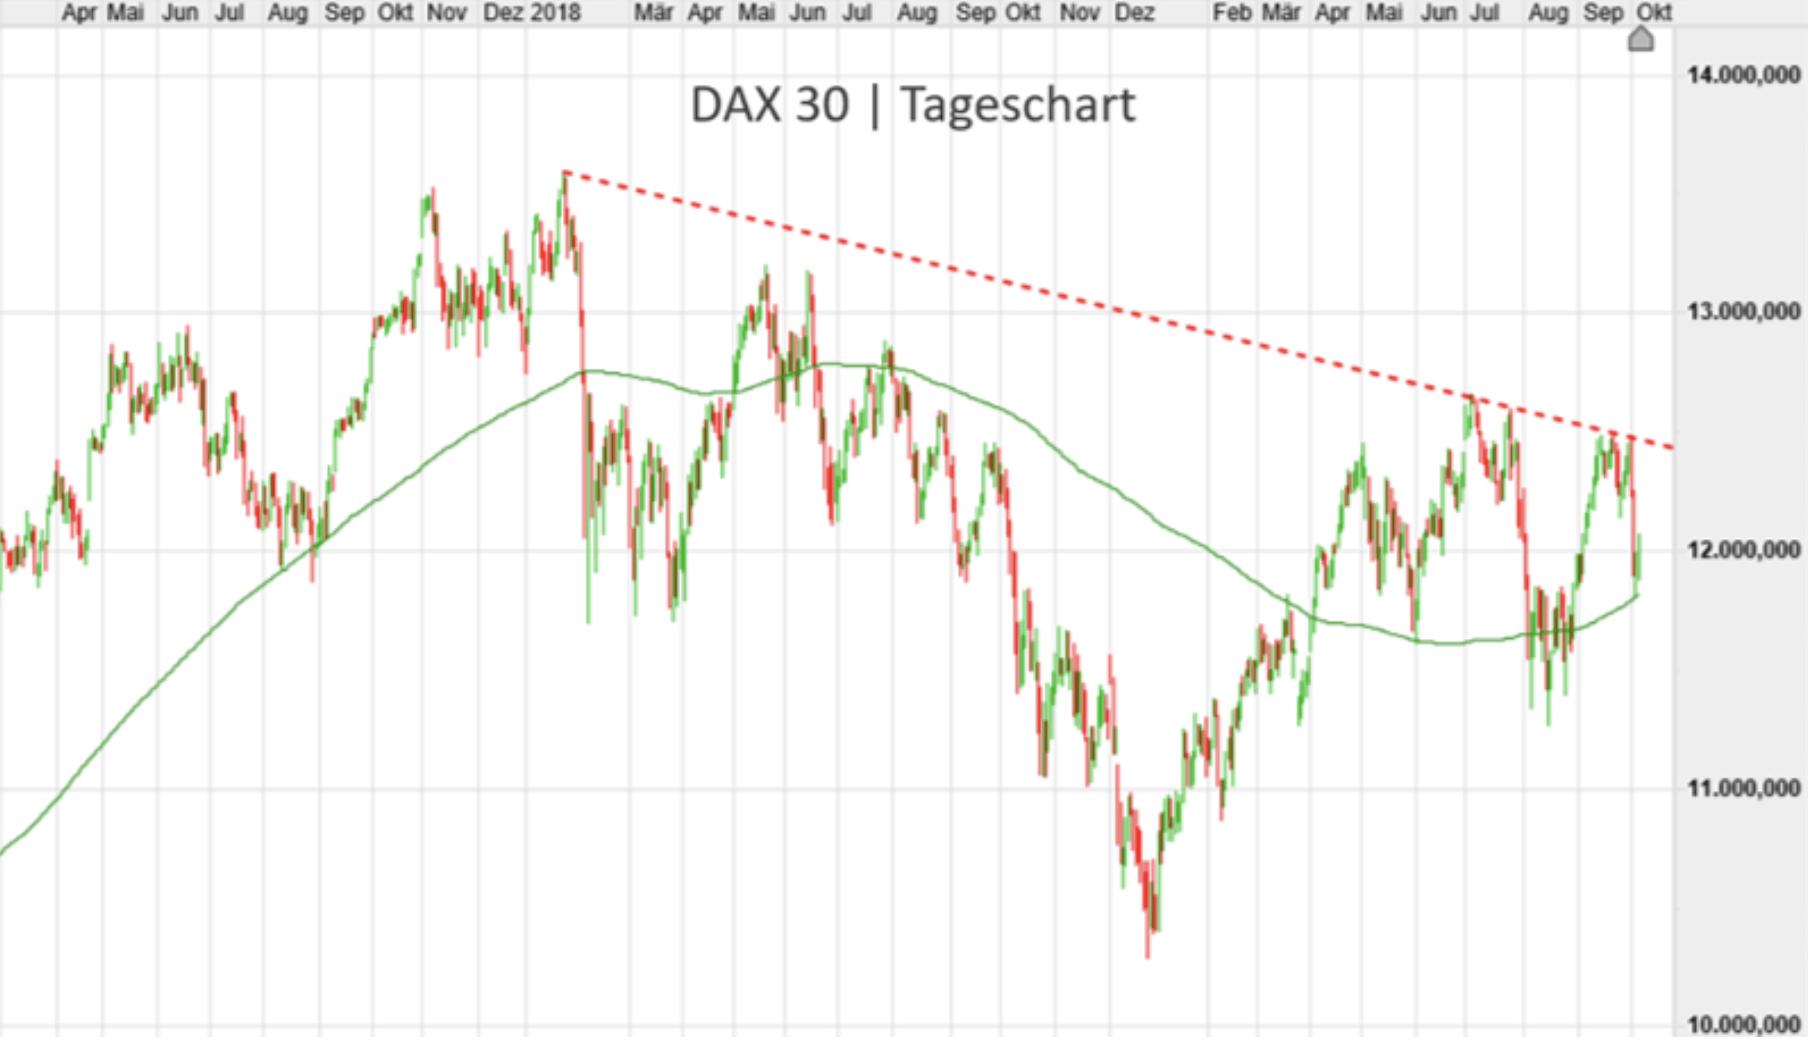 Dax Tageschart